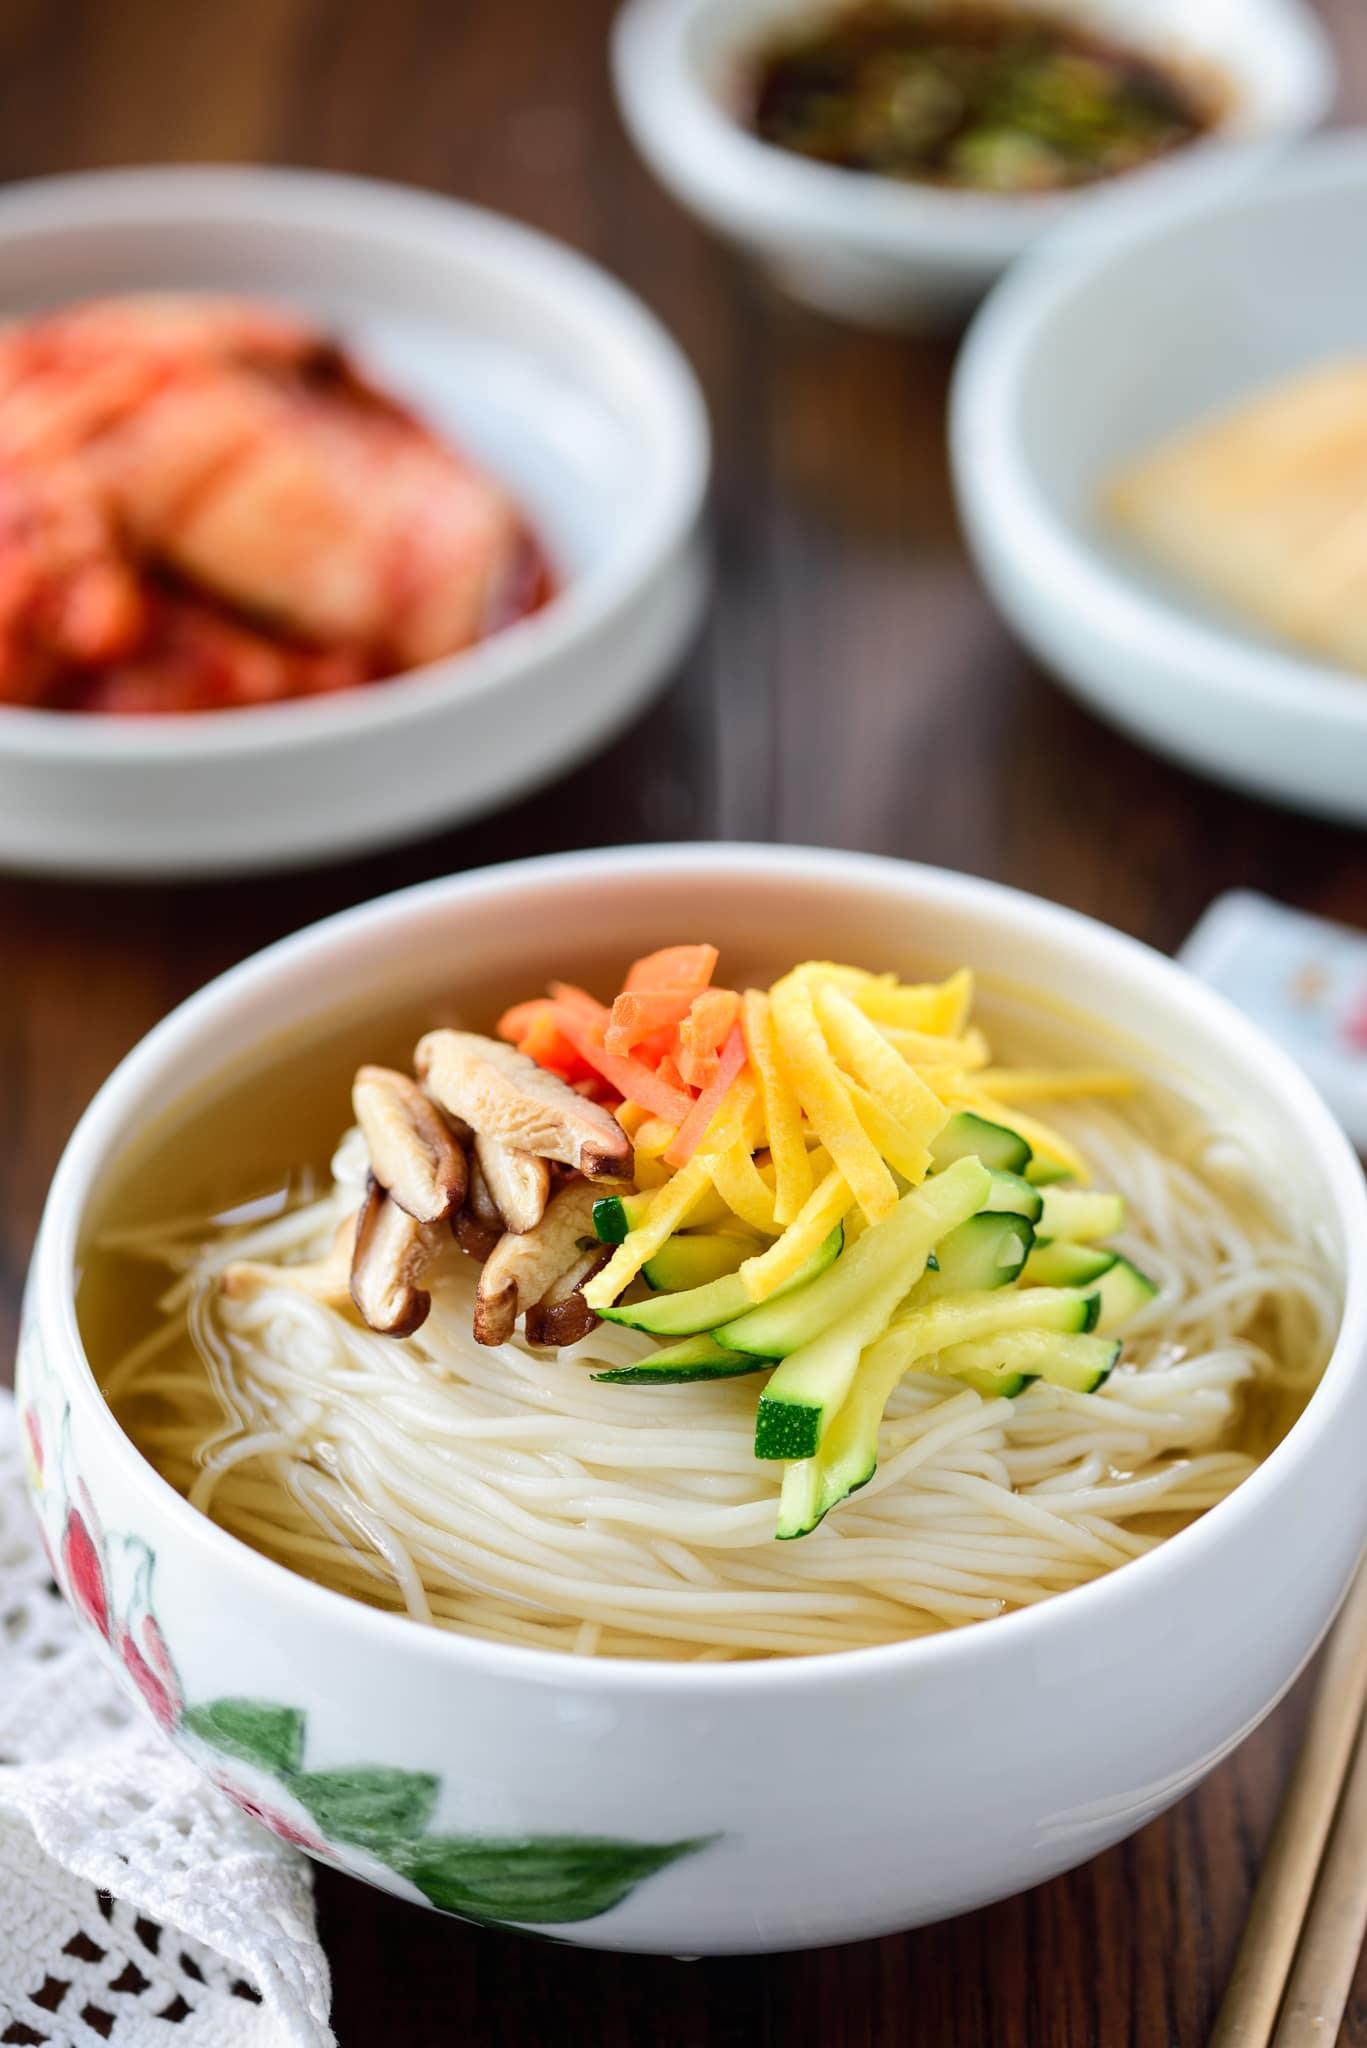 DSC9363 3 - Janchi Guksu (Warm Noodle Soup)